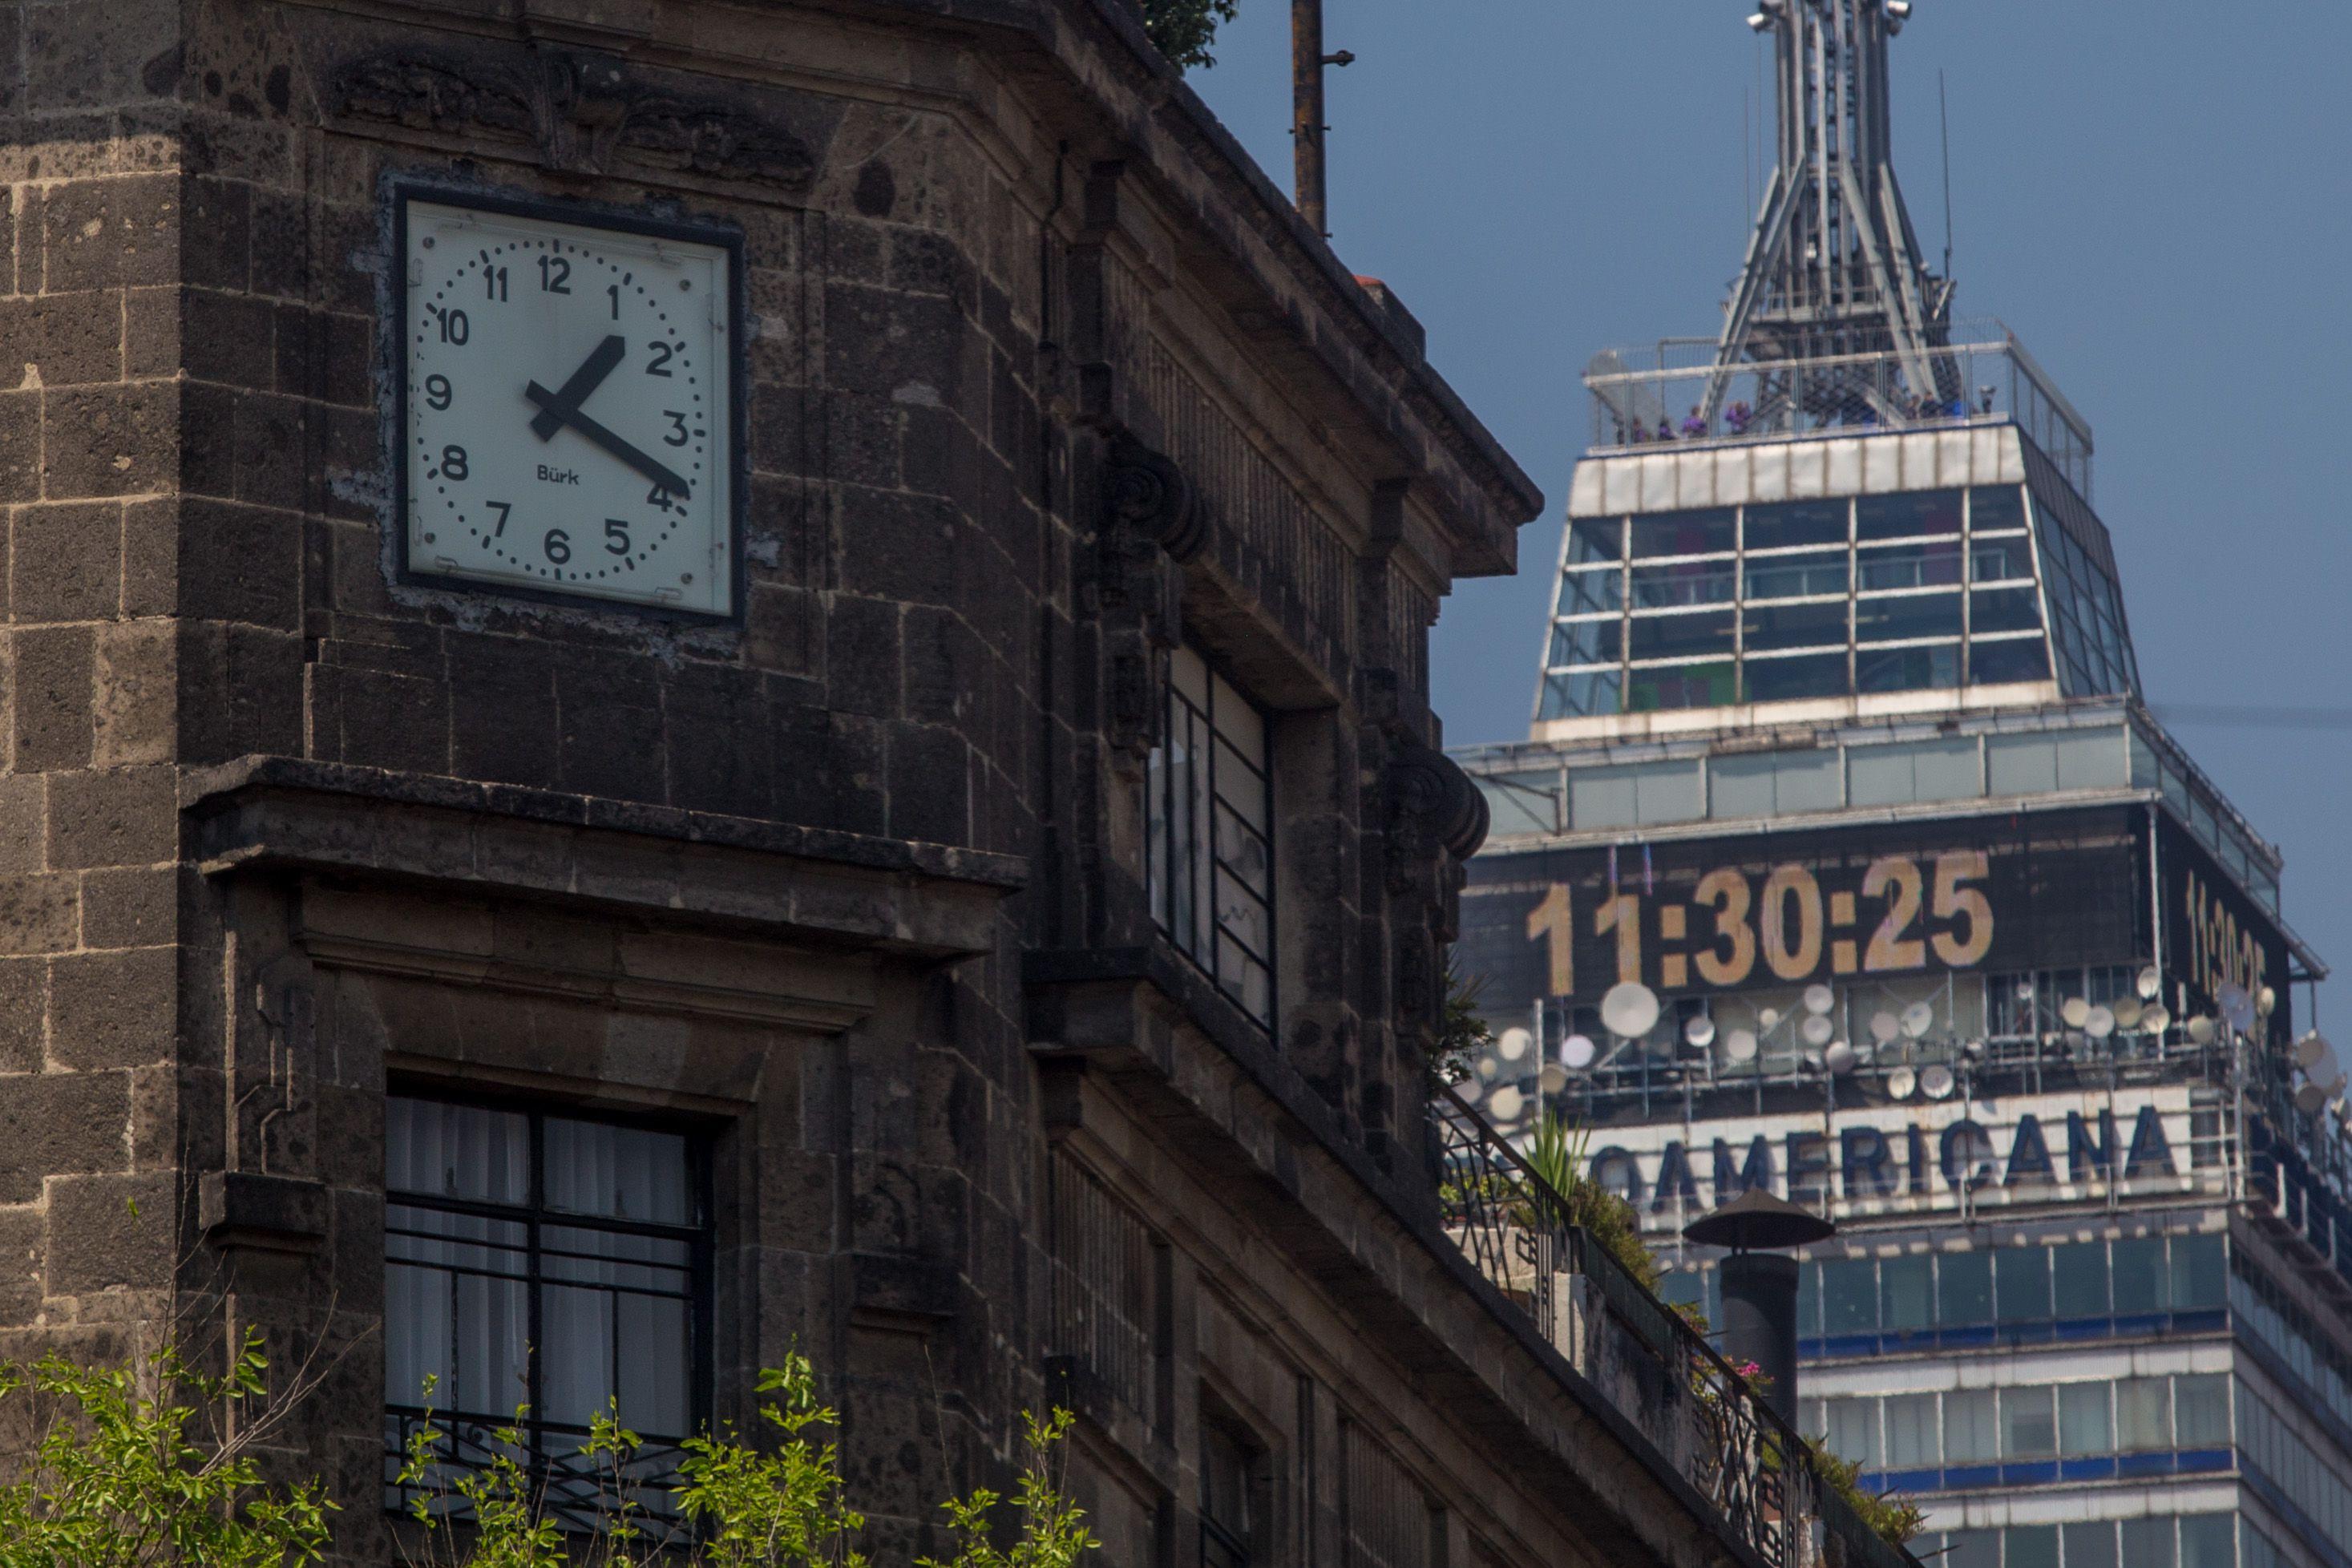 El próximo 4 de abril millones de mexicanos deberán adelantar su reloj debido a la entrada del horario de verano (FOTO: TERCERO DÍAZ /Cuartoscuro)